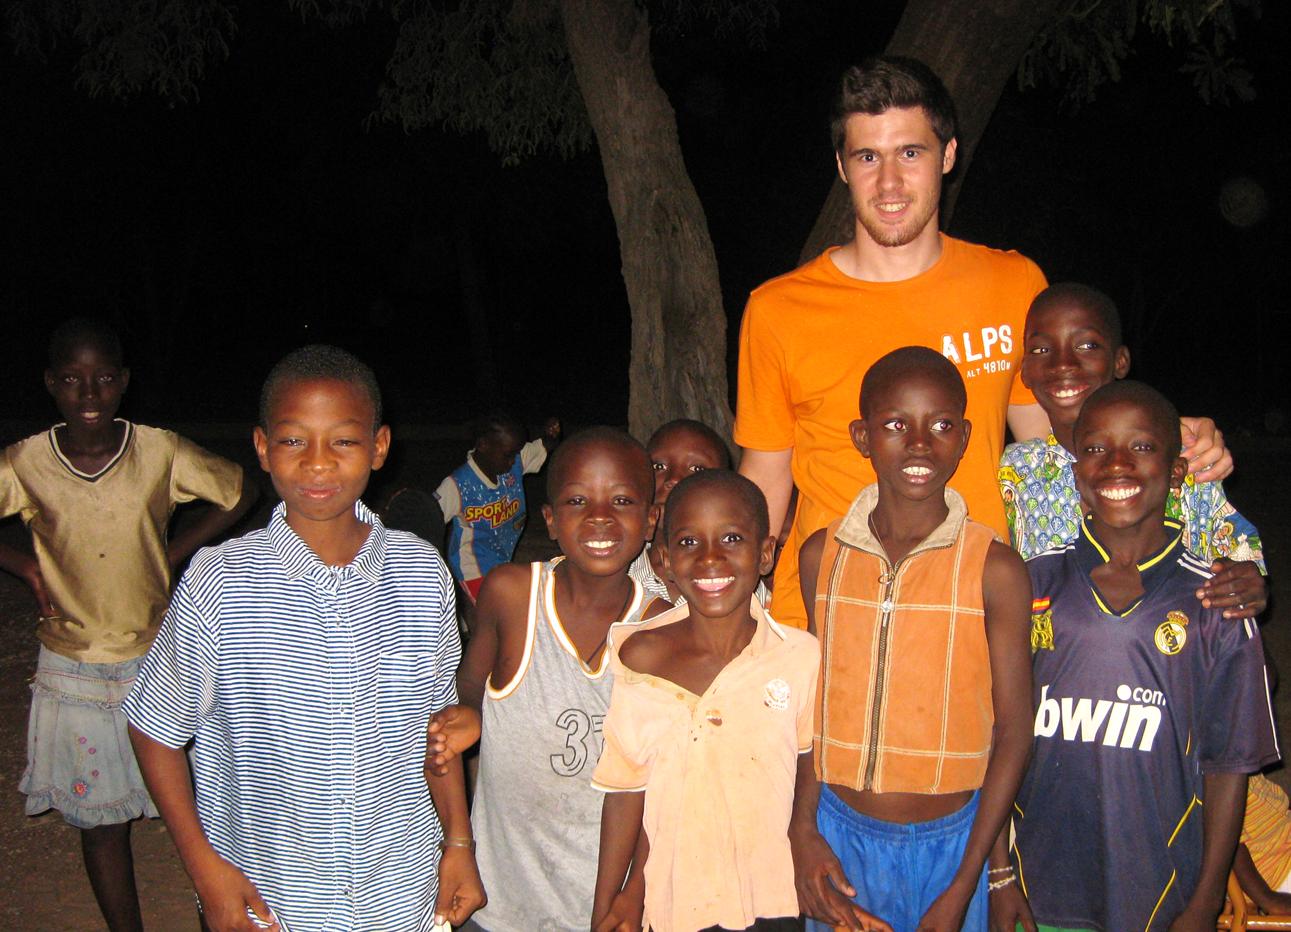 Fussballspielen mit den Jungs bis in die Abendstunden war die Lieblingsbeschäftigung des spanischen Praktikanten Omar.